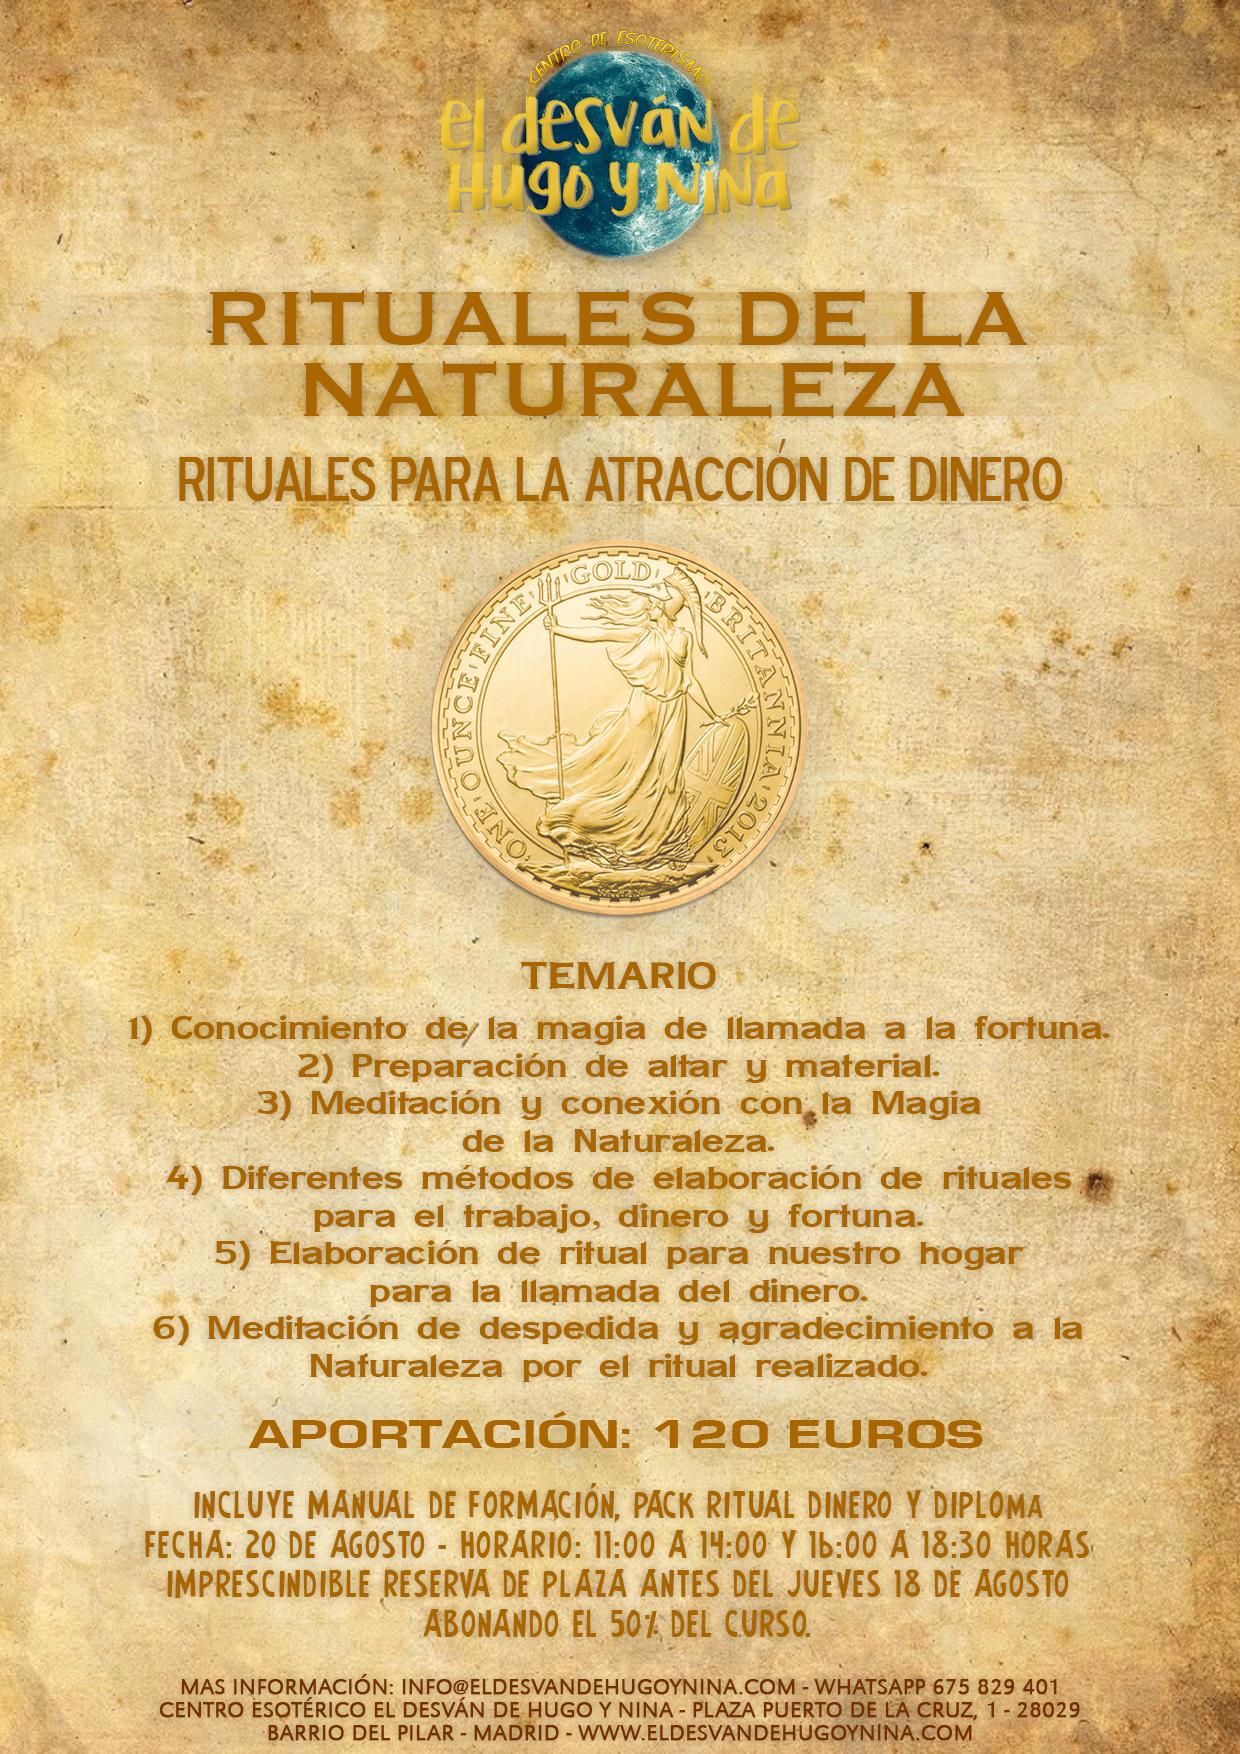 Rituales para la fortuna finest galleta de la fotruna - Rituales para atraer la buena suerte ...